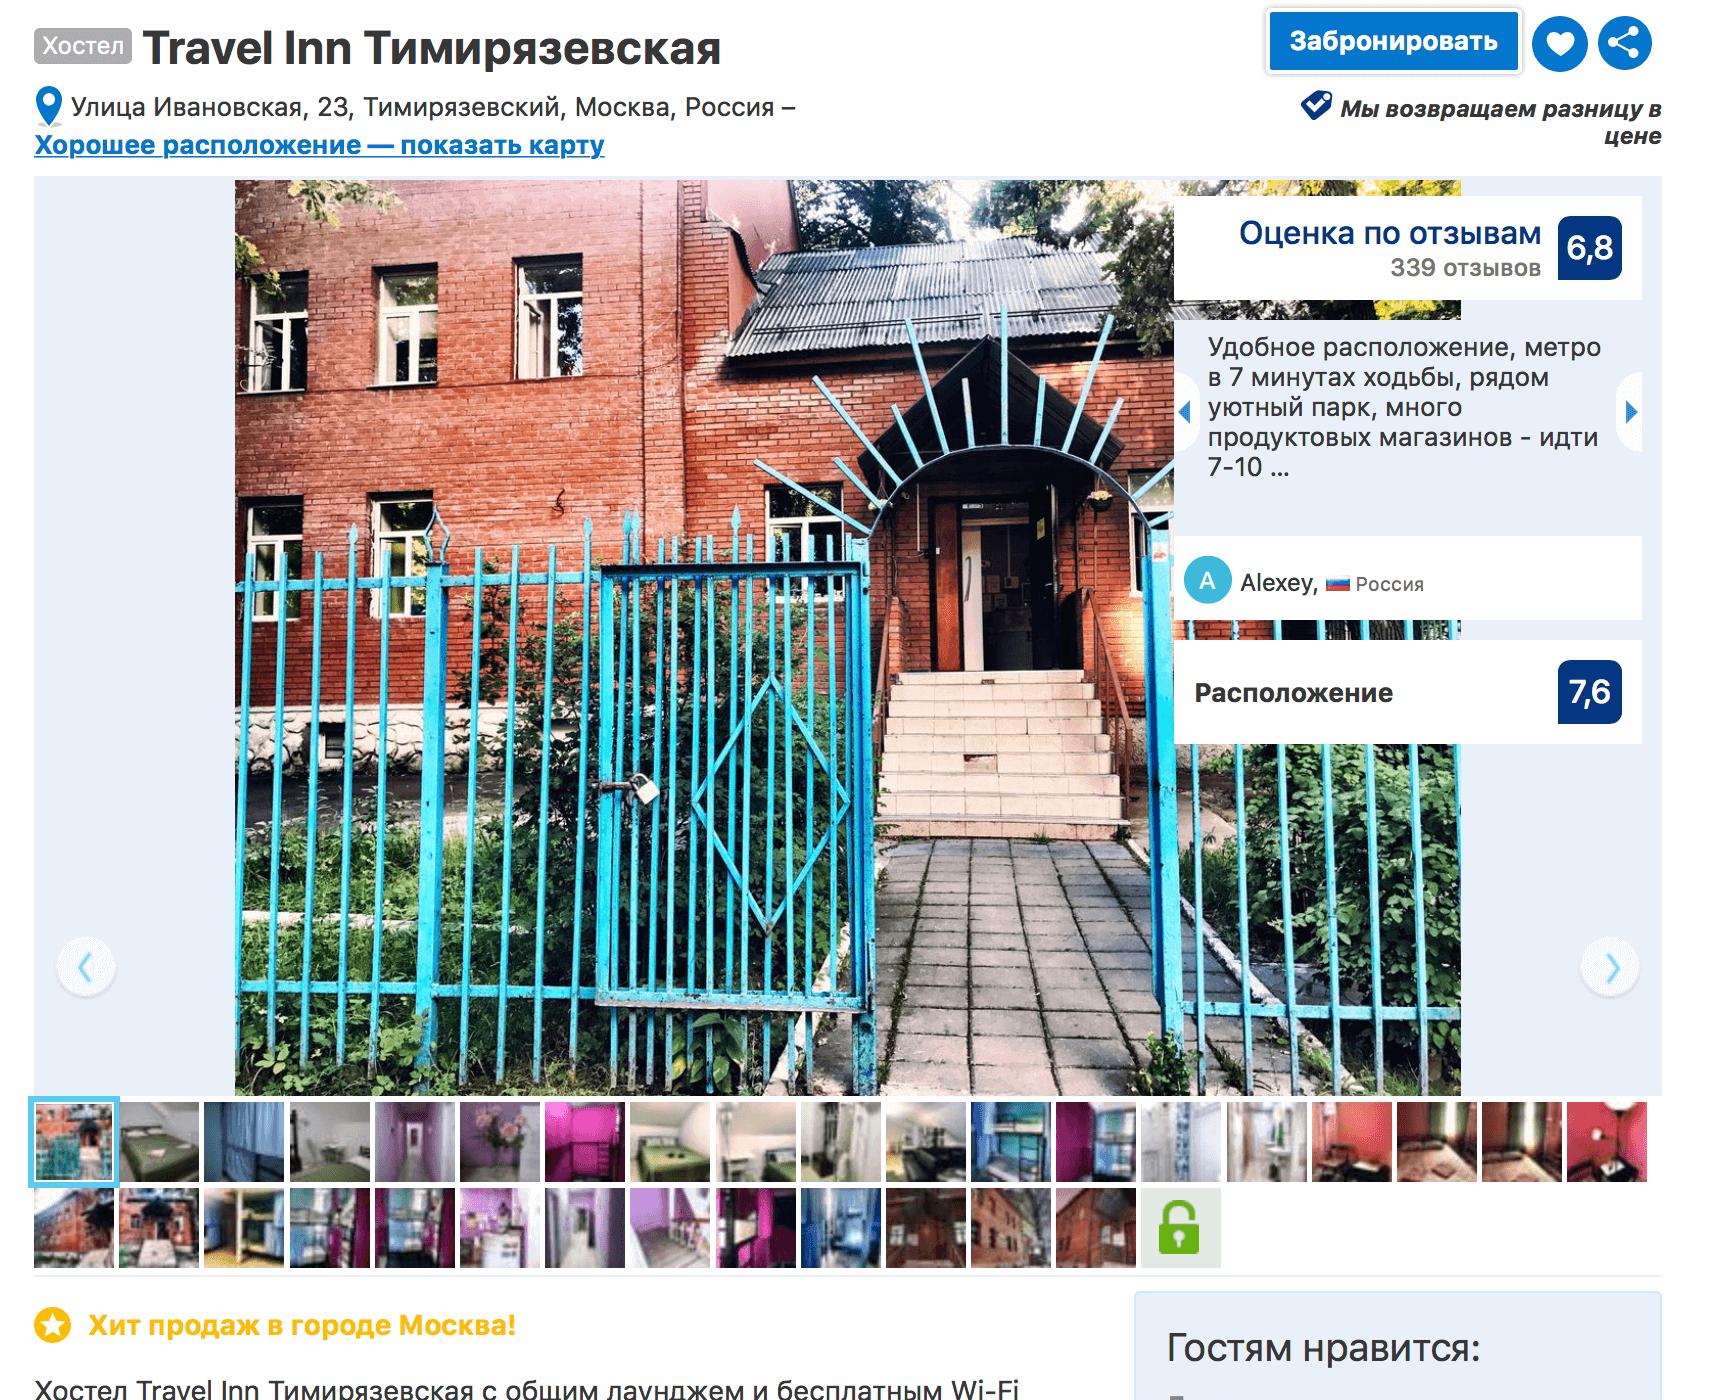 hostel-timiryazevskaya